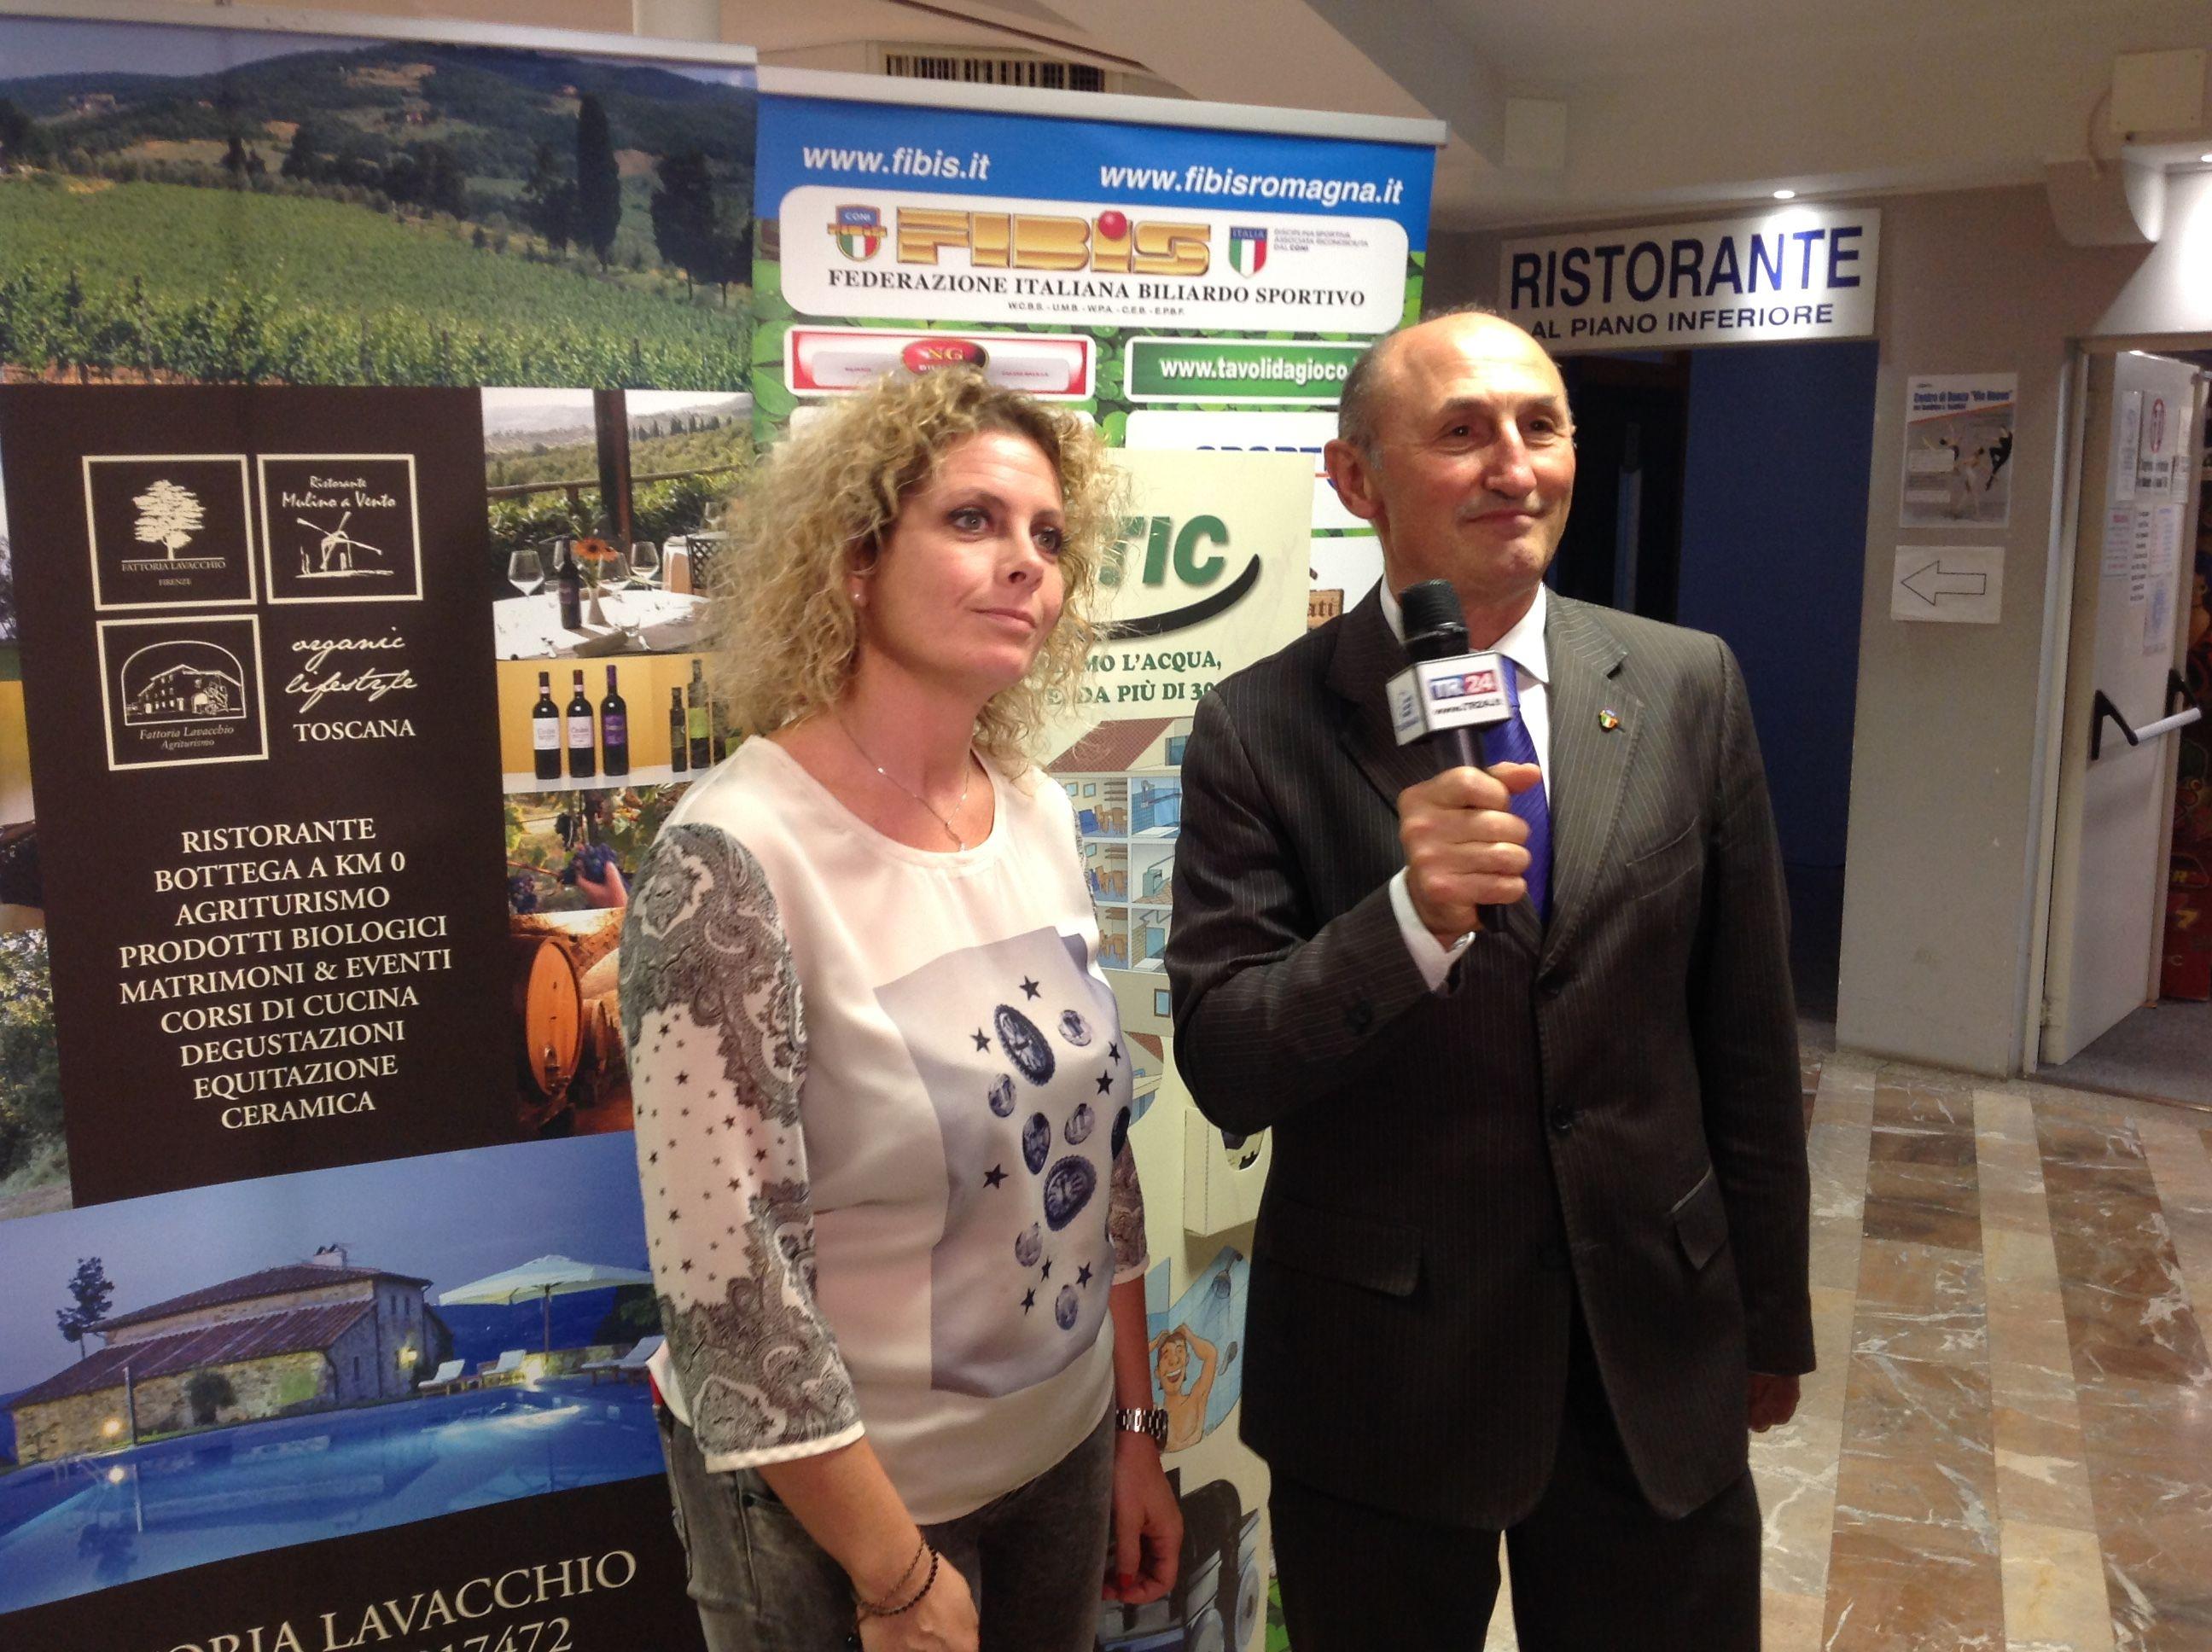 Barzanti Veronica moglie del titolare con il Consigliere Federale L. De Cesari